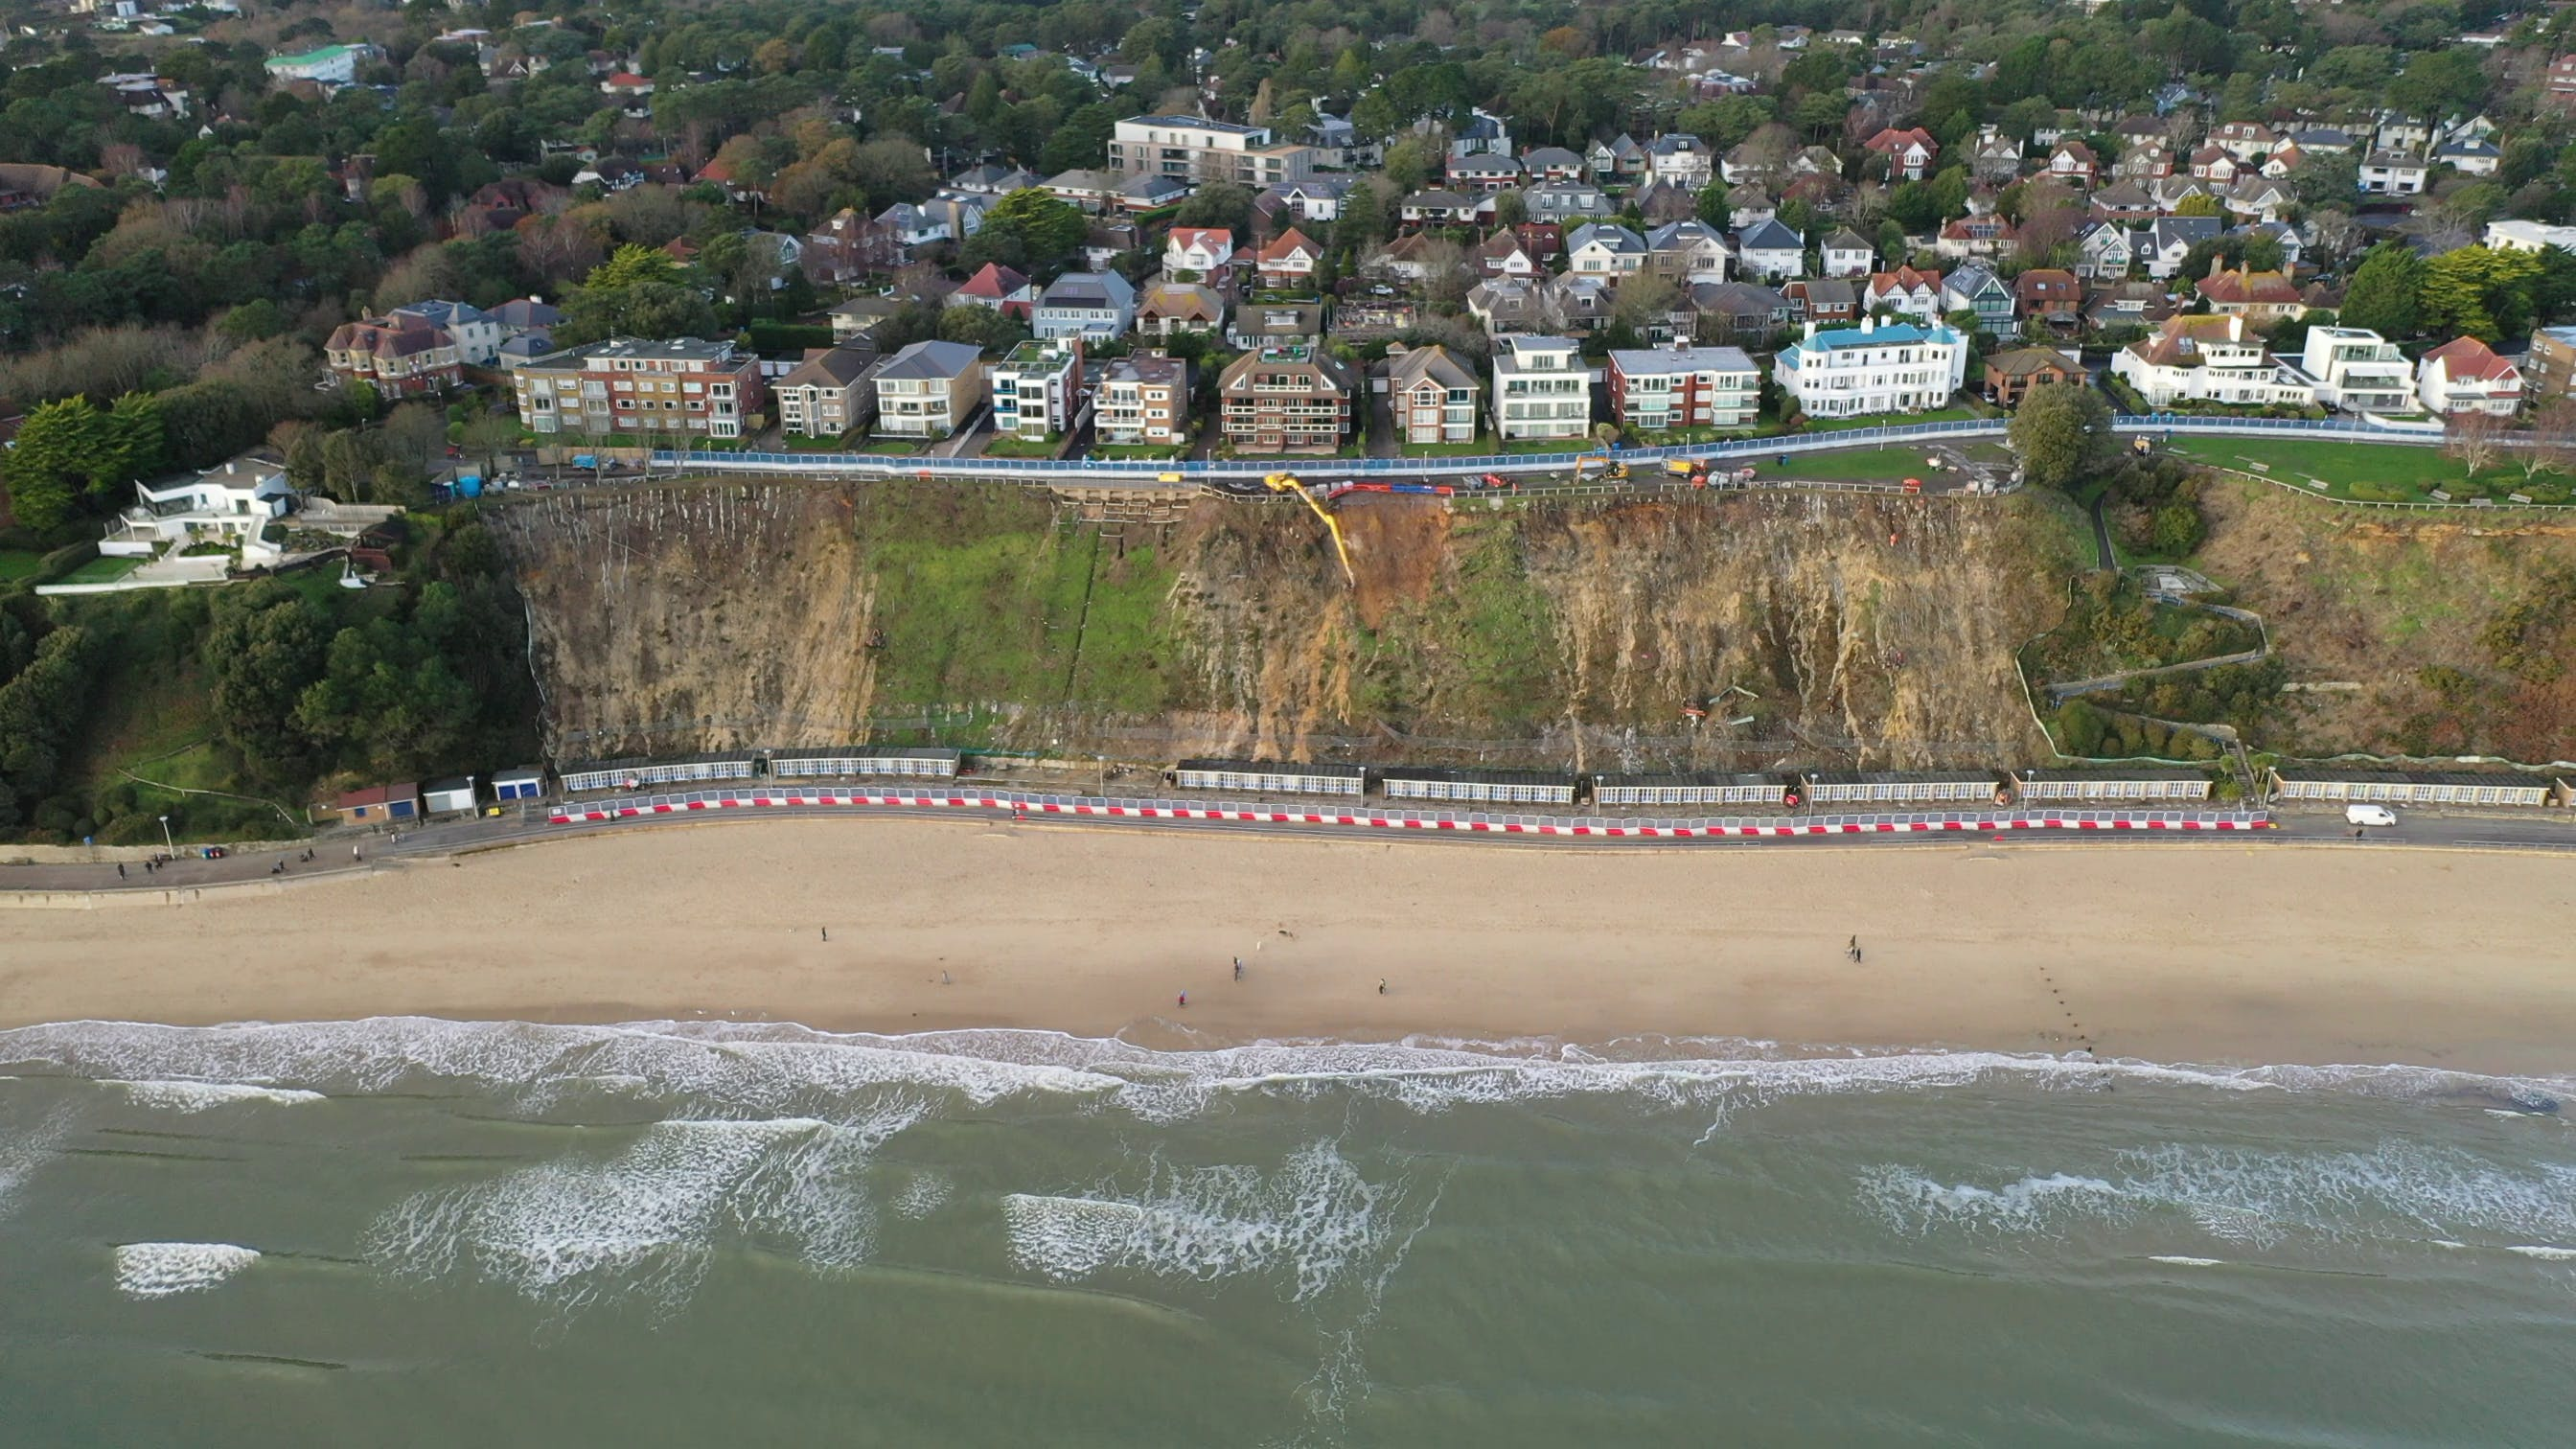 Canford Cliff repair work